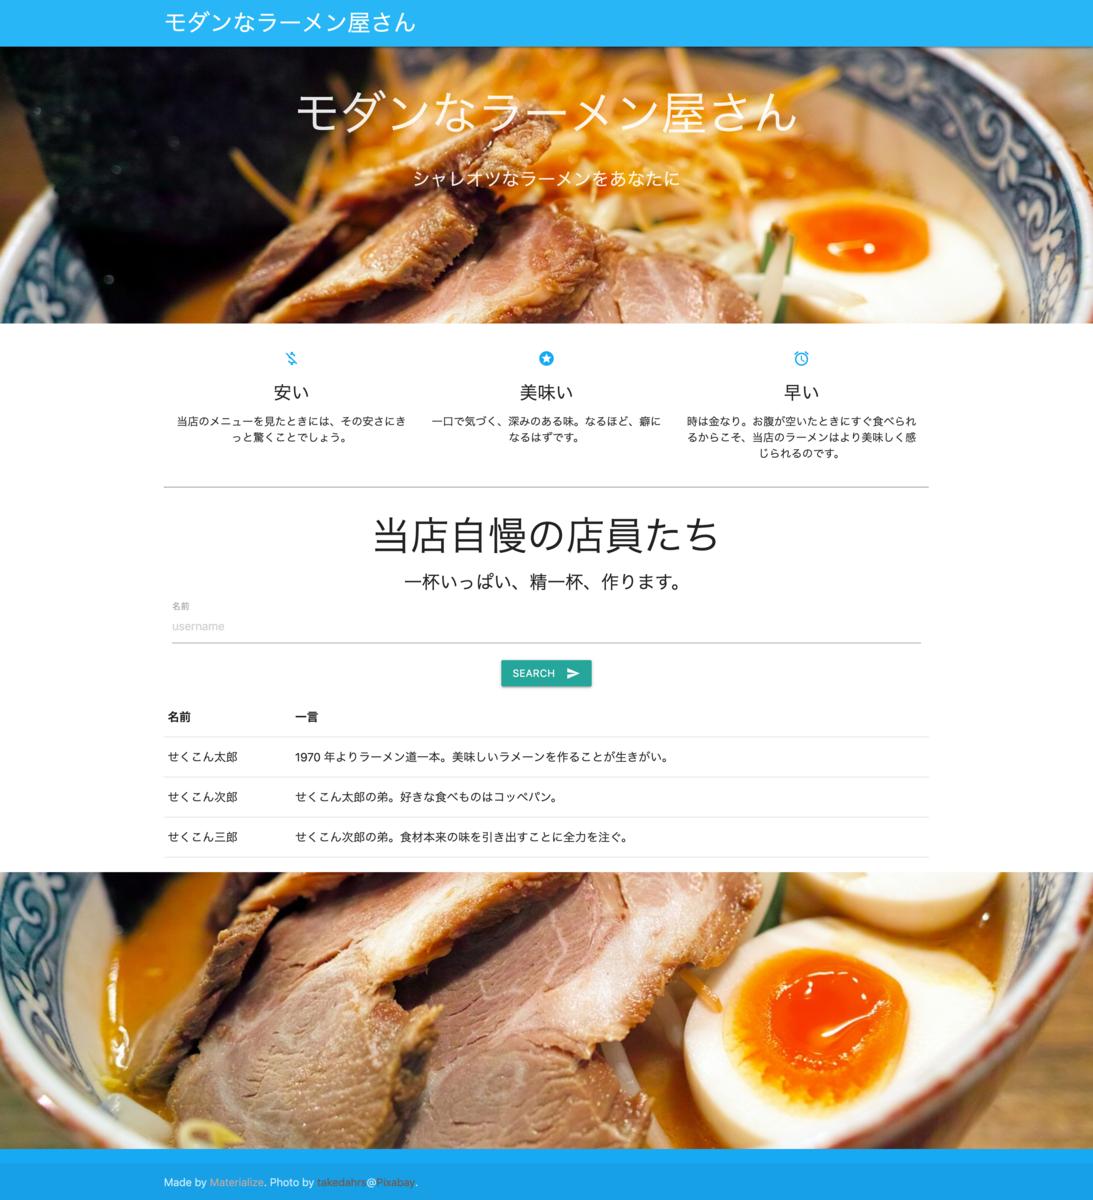 f:id:kusuwada:20190526154934p:plain